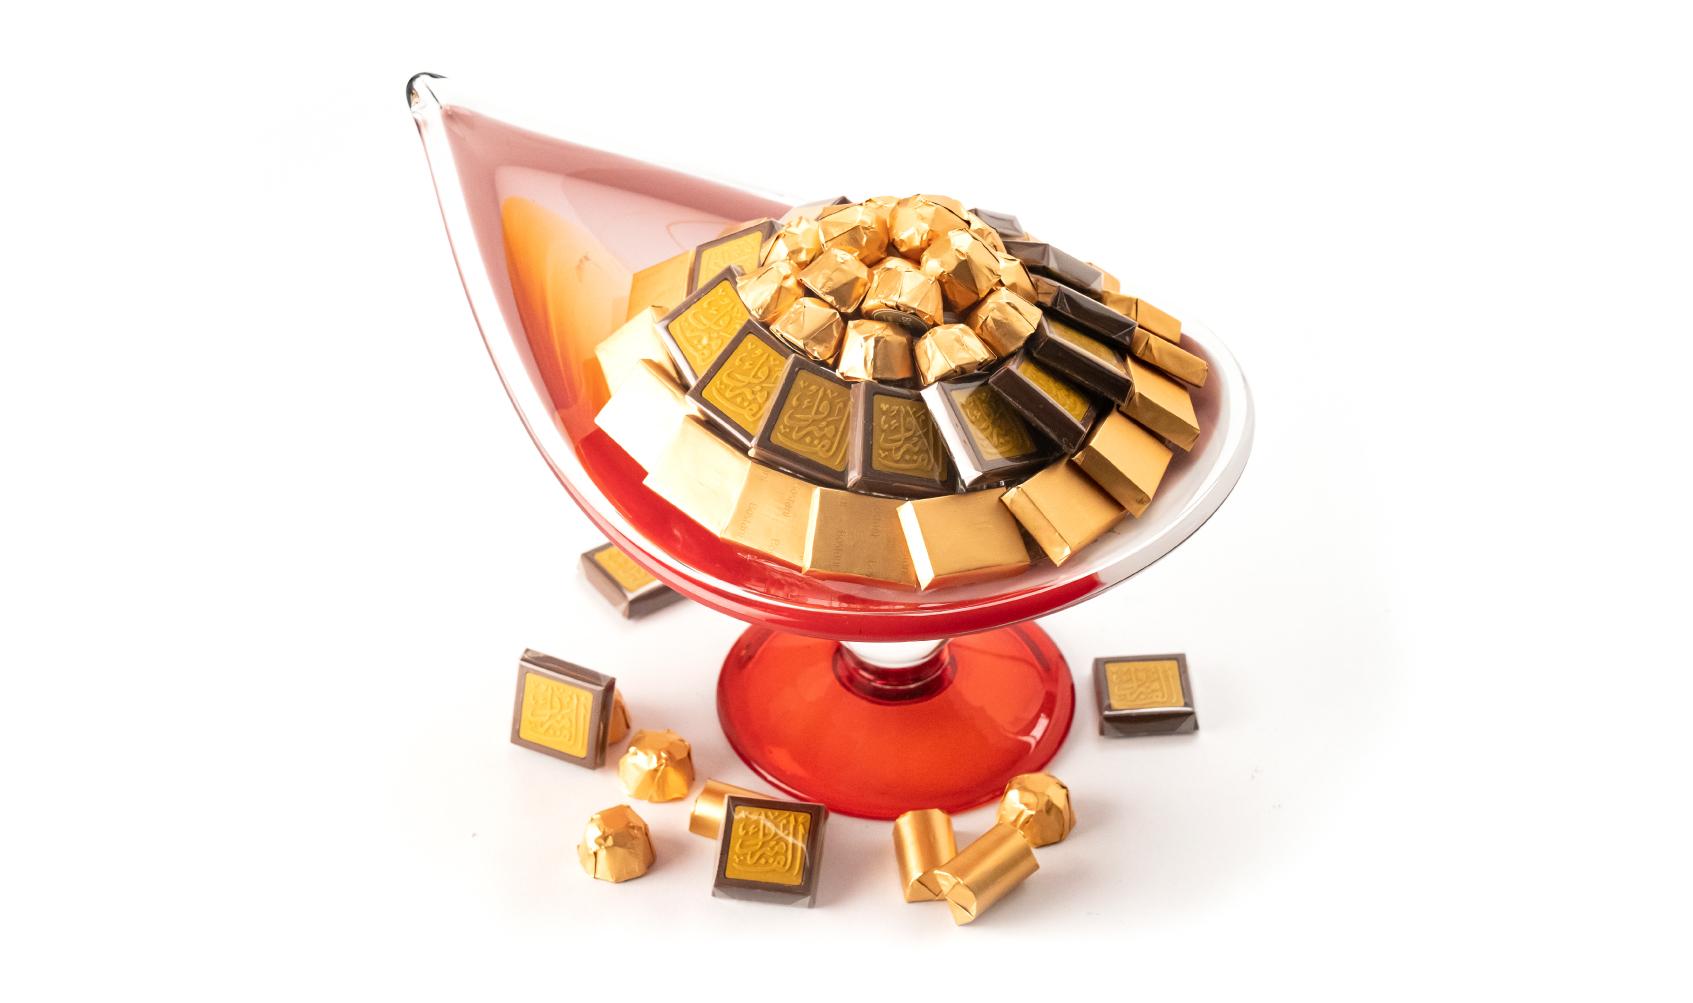 Congratulations Red Lamp Italian Handmade Dish